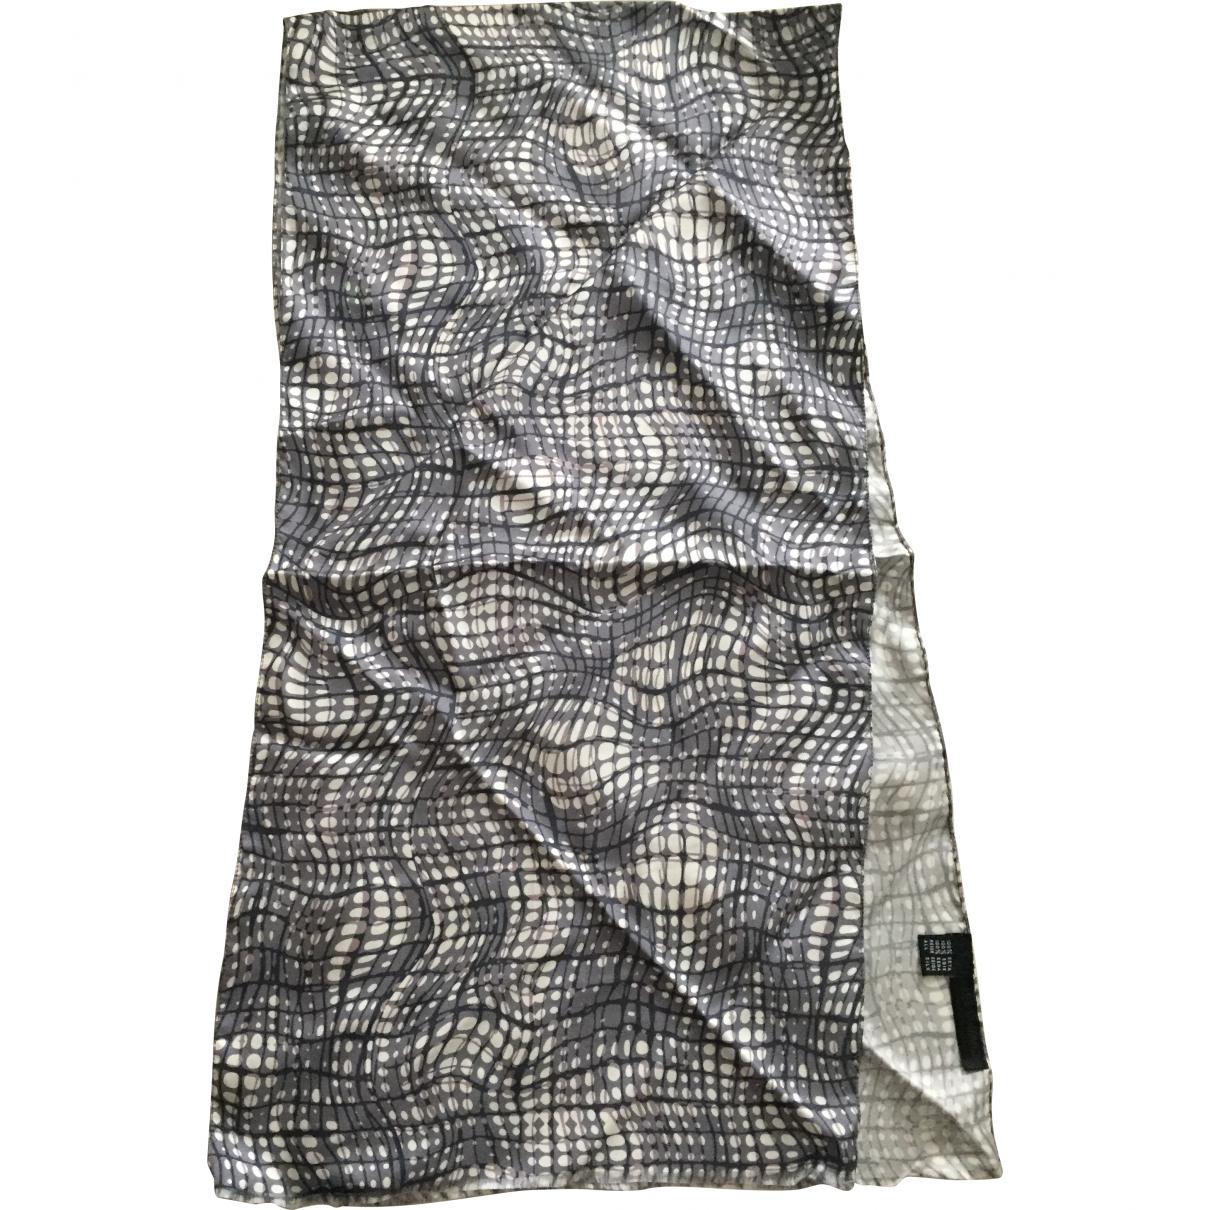 Les Hommes - Cheches.Echarpes   pour homme en soie - gris